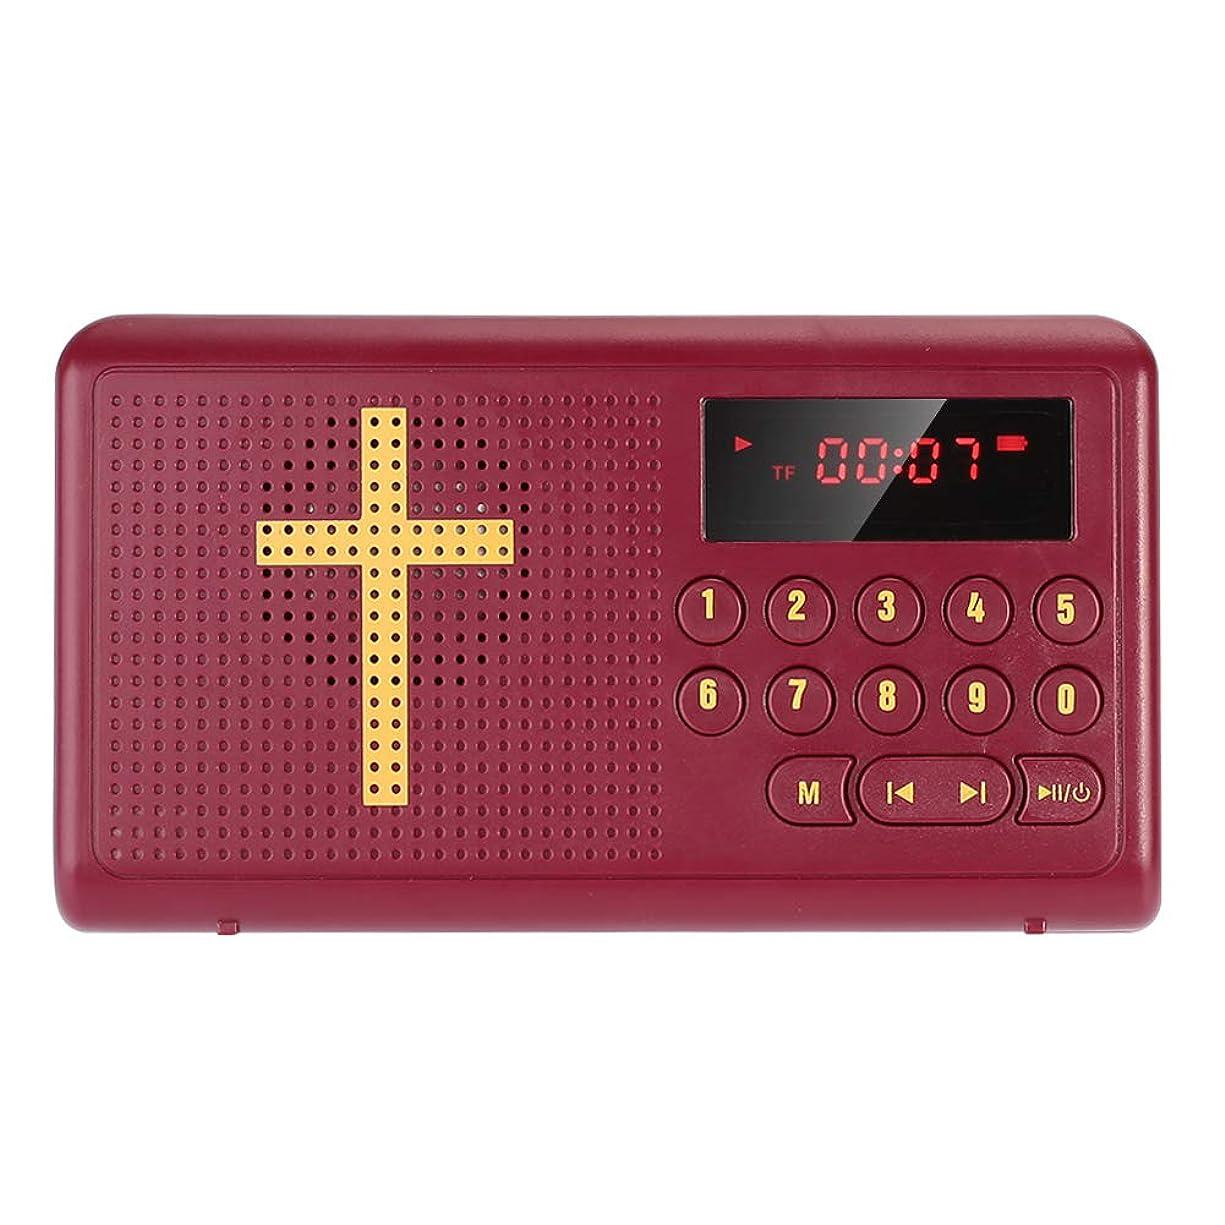 木不規則性アクセスLeaftree キリスト教のエムピー?スリープレーヤーのための2800mA W / 8GBカードが付いている驚異の聖書プレーヤー携帯用エムピー?スリー音楽プレーヤー